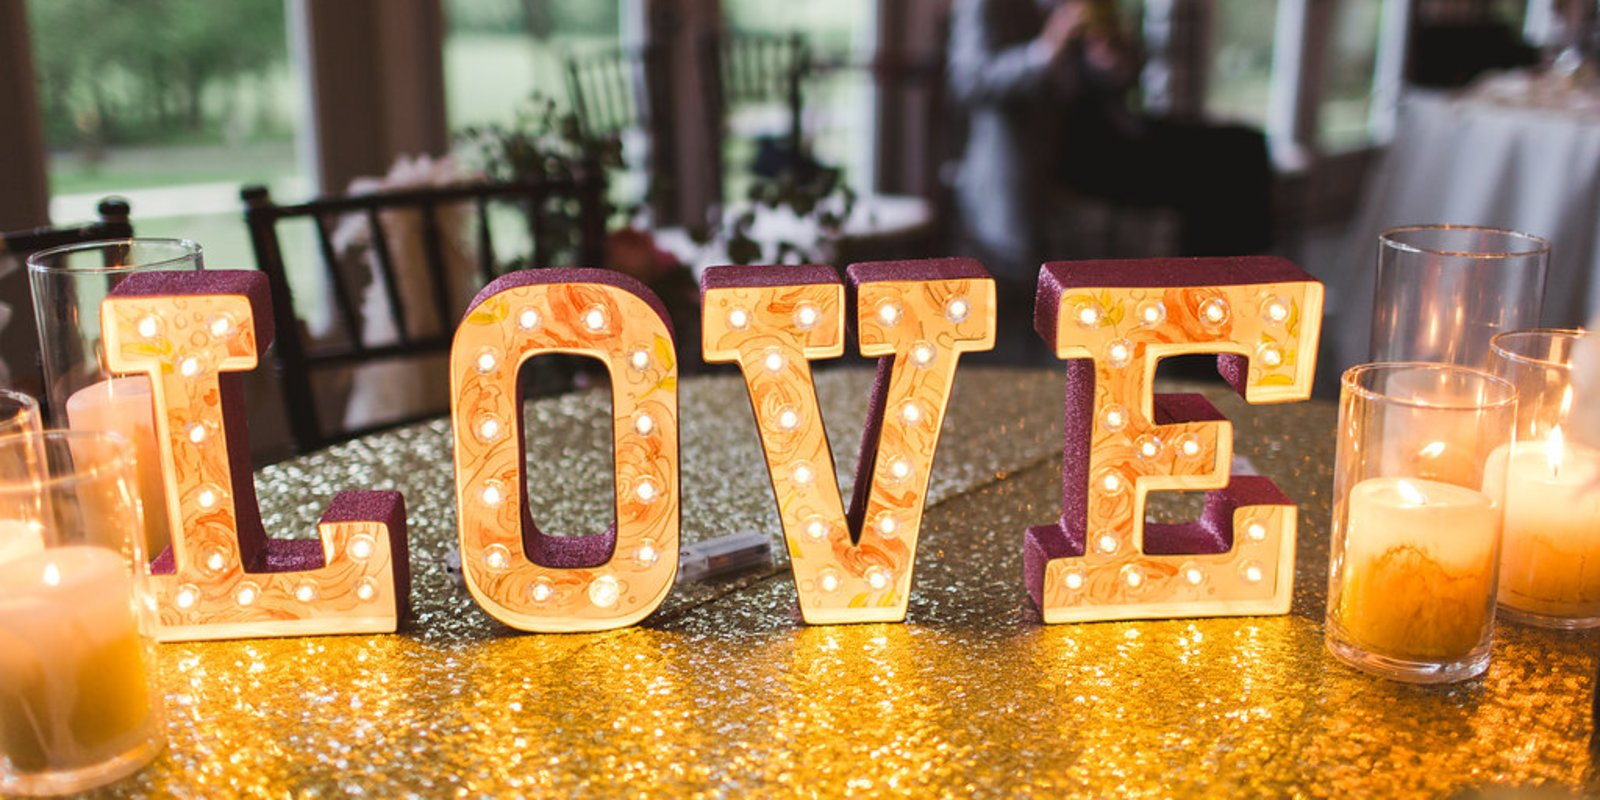 Schone Spruche Die Man Unter Bilder Schreiben Kann.Liebesspruche Hochzeit Spruche Uber Die Liebe